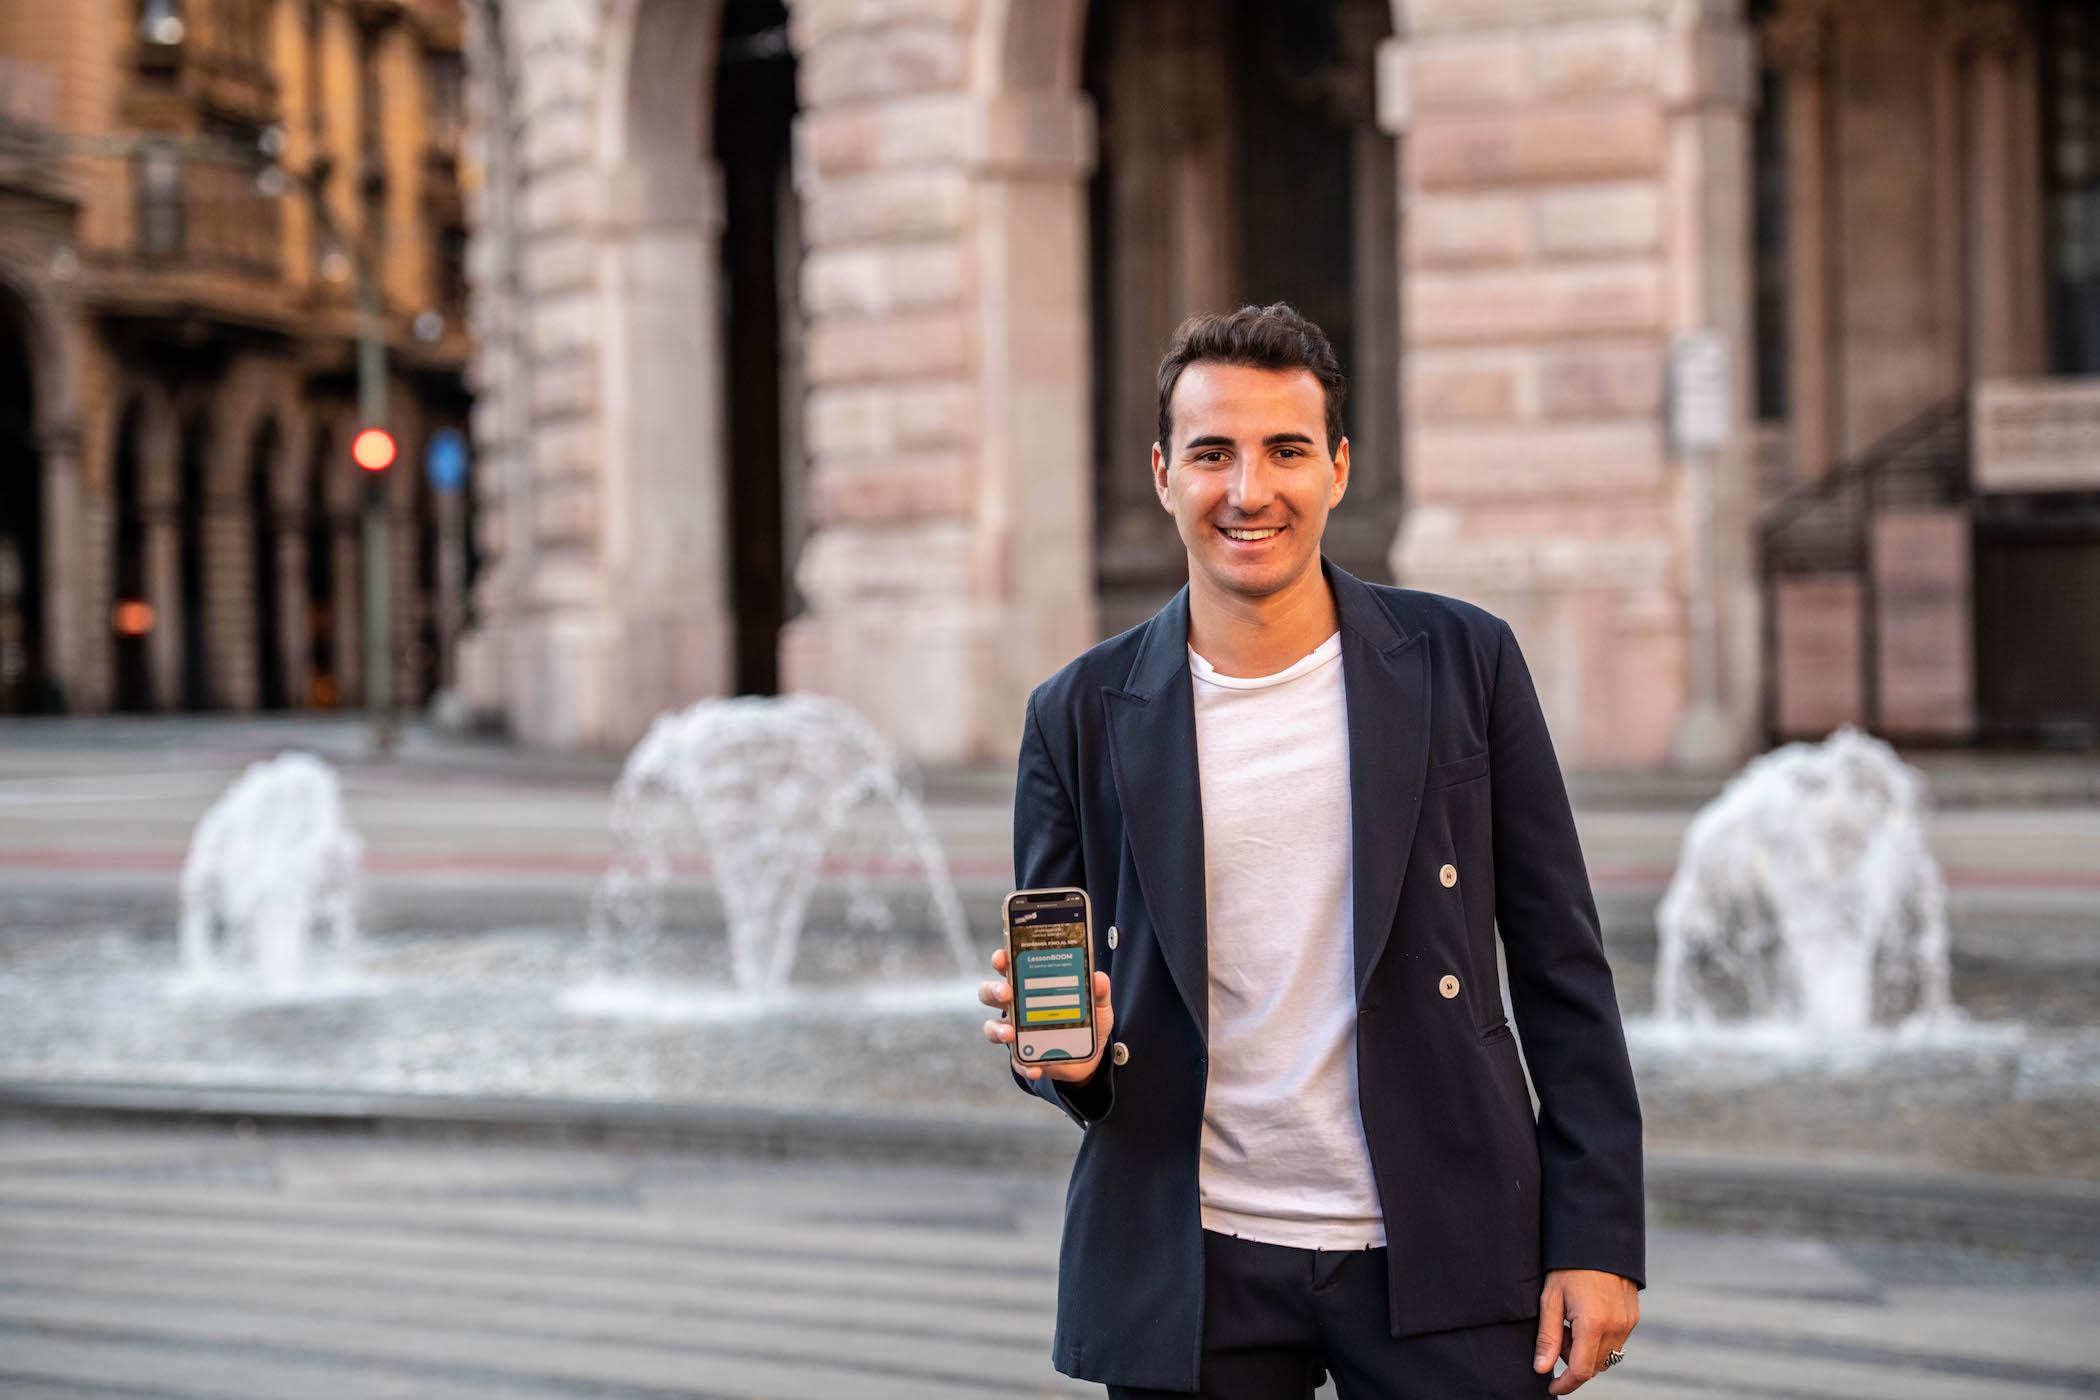 la-startup-di-prenotazione-multisport-lessonboom-punta-a-raccogliere-300mila-euro-in-crowdfunding